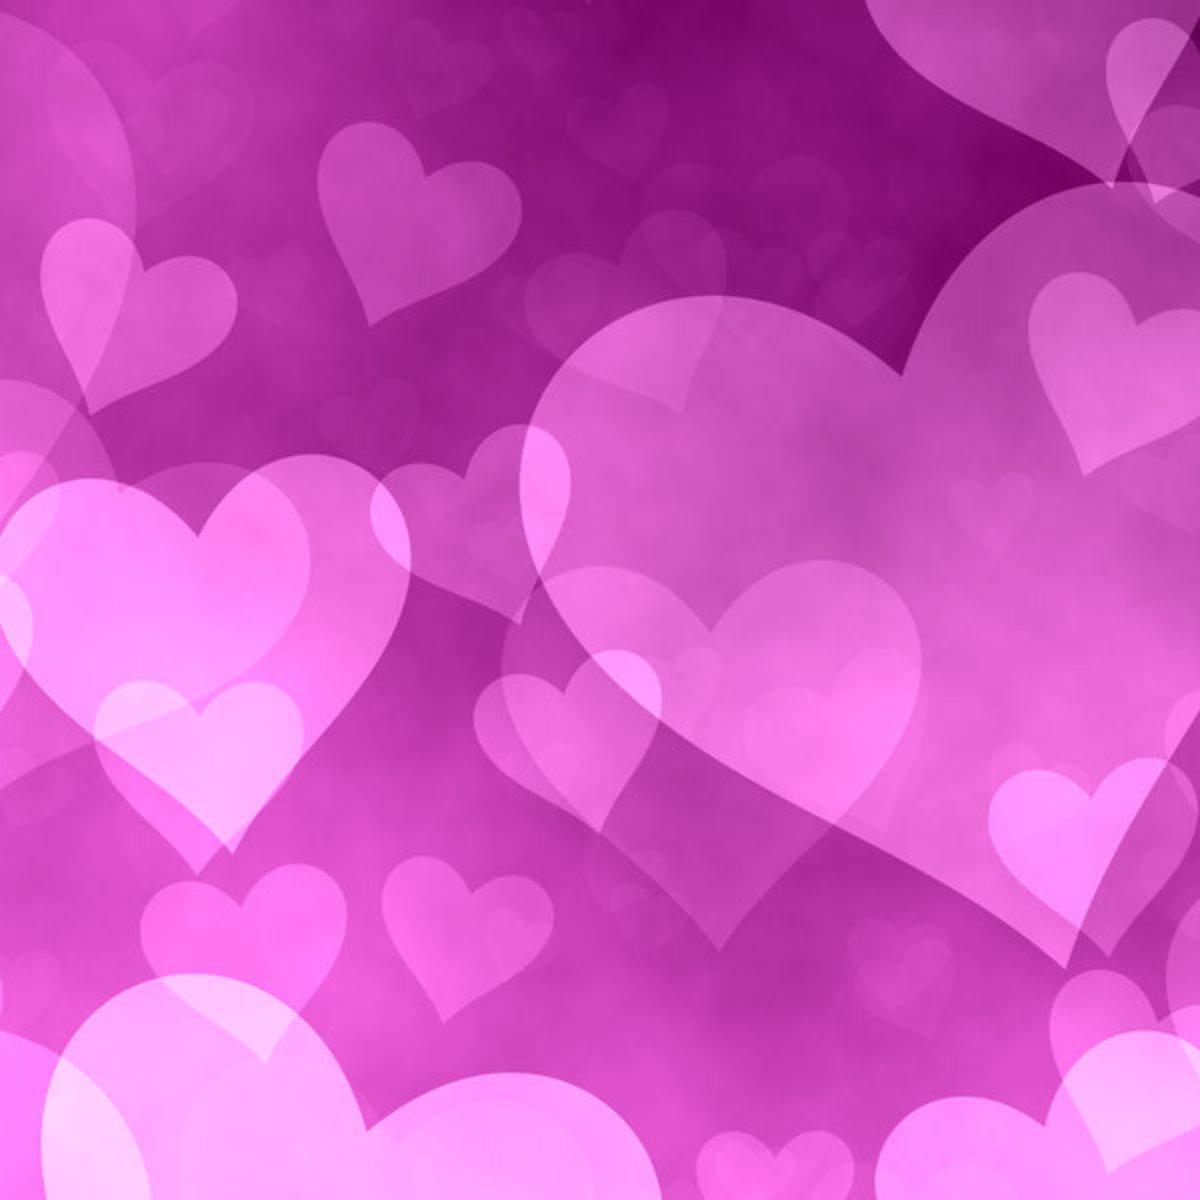 Lavender Heart Wallpaper